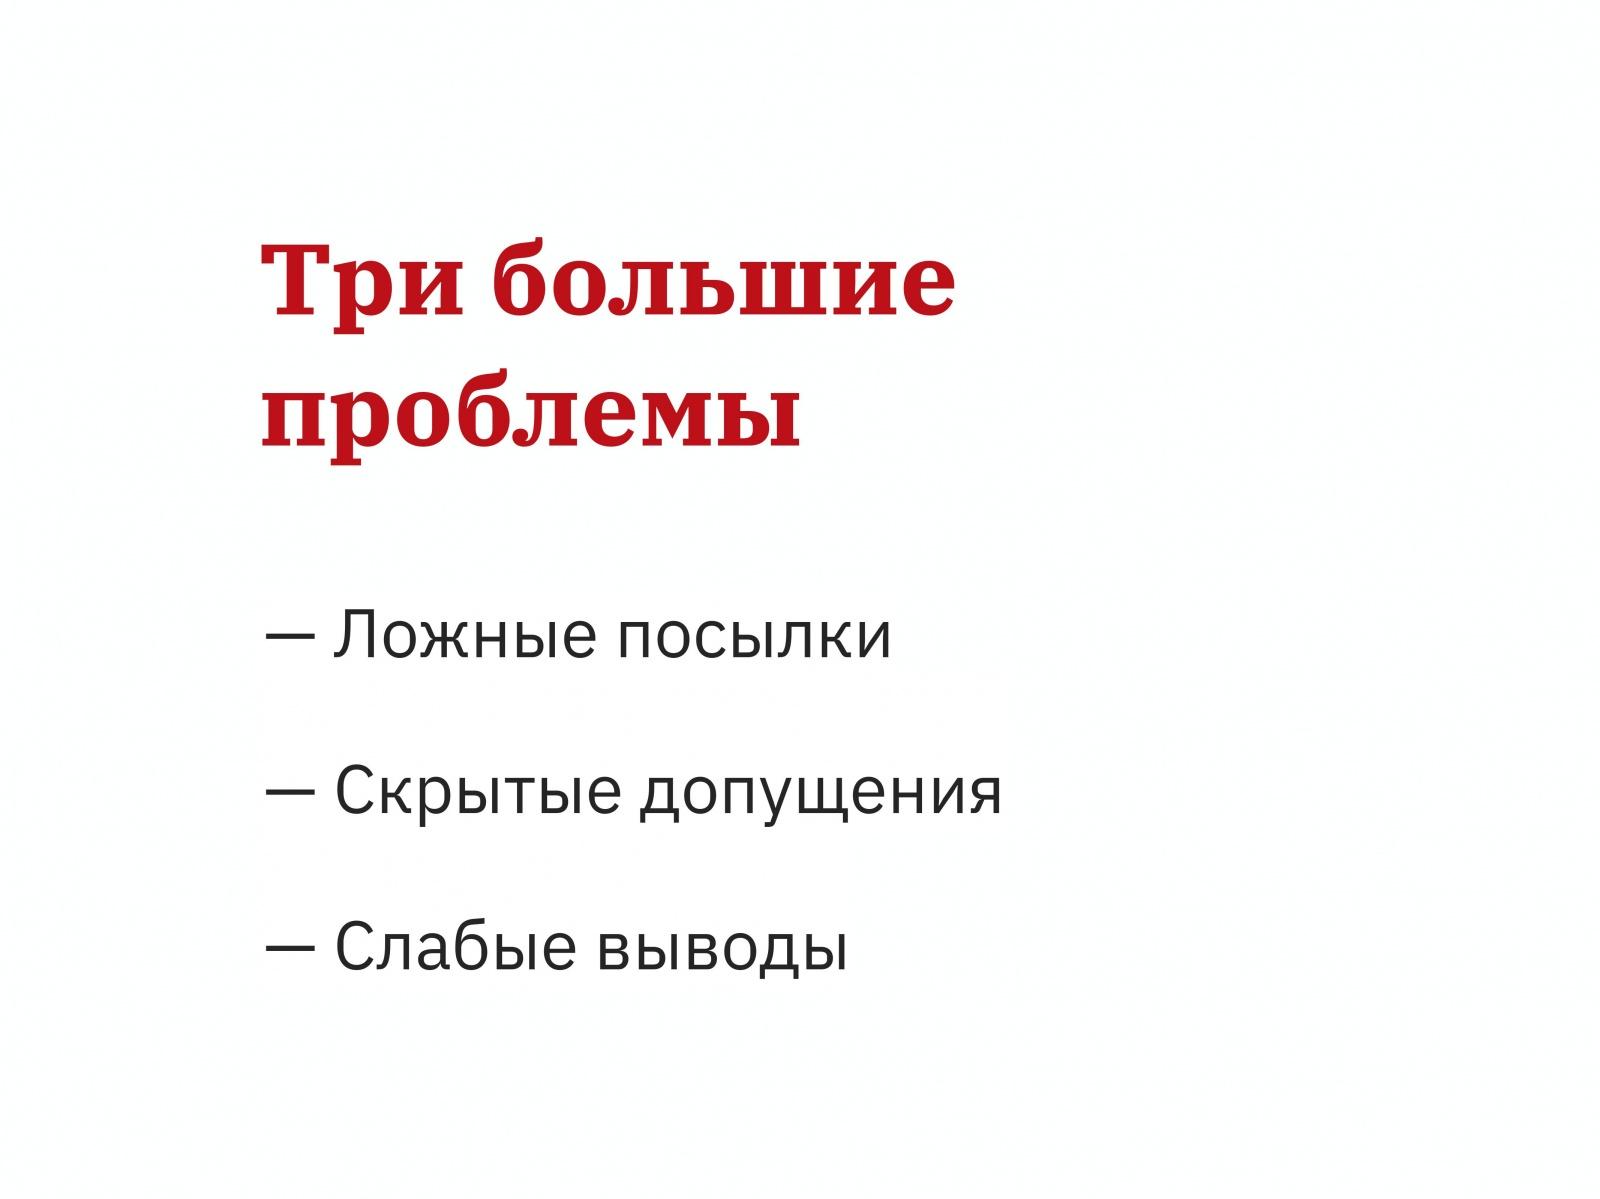 Алексей Каптерев: Критическое мышление 101 (часть 2) - 14